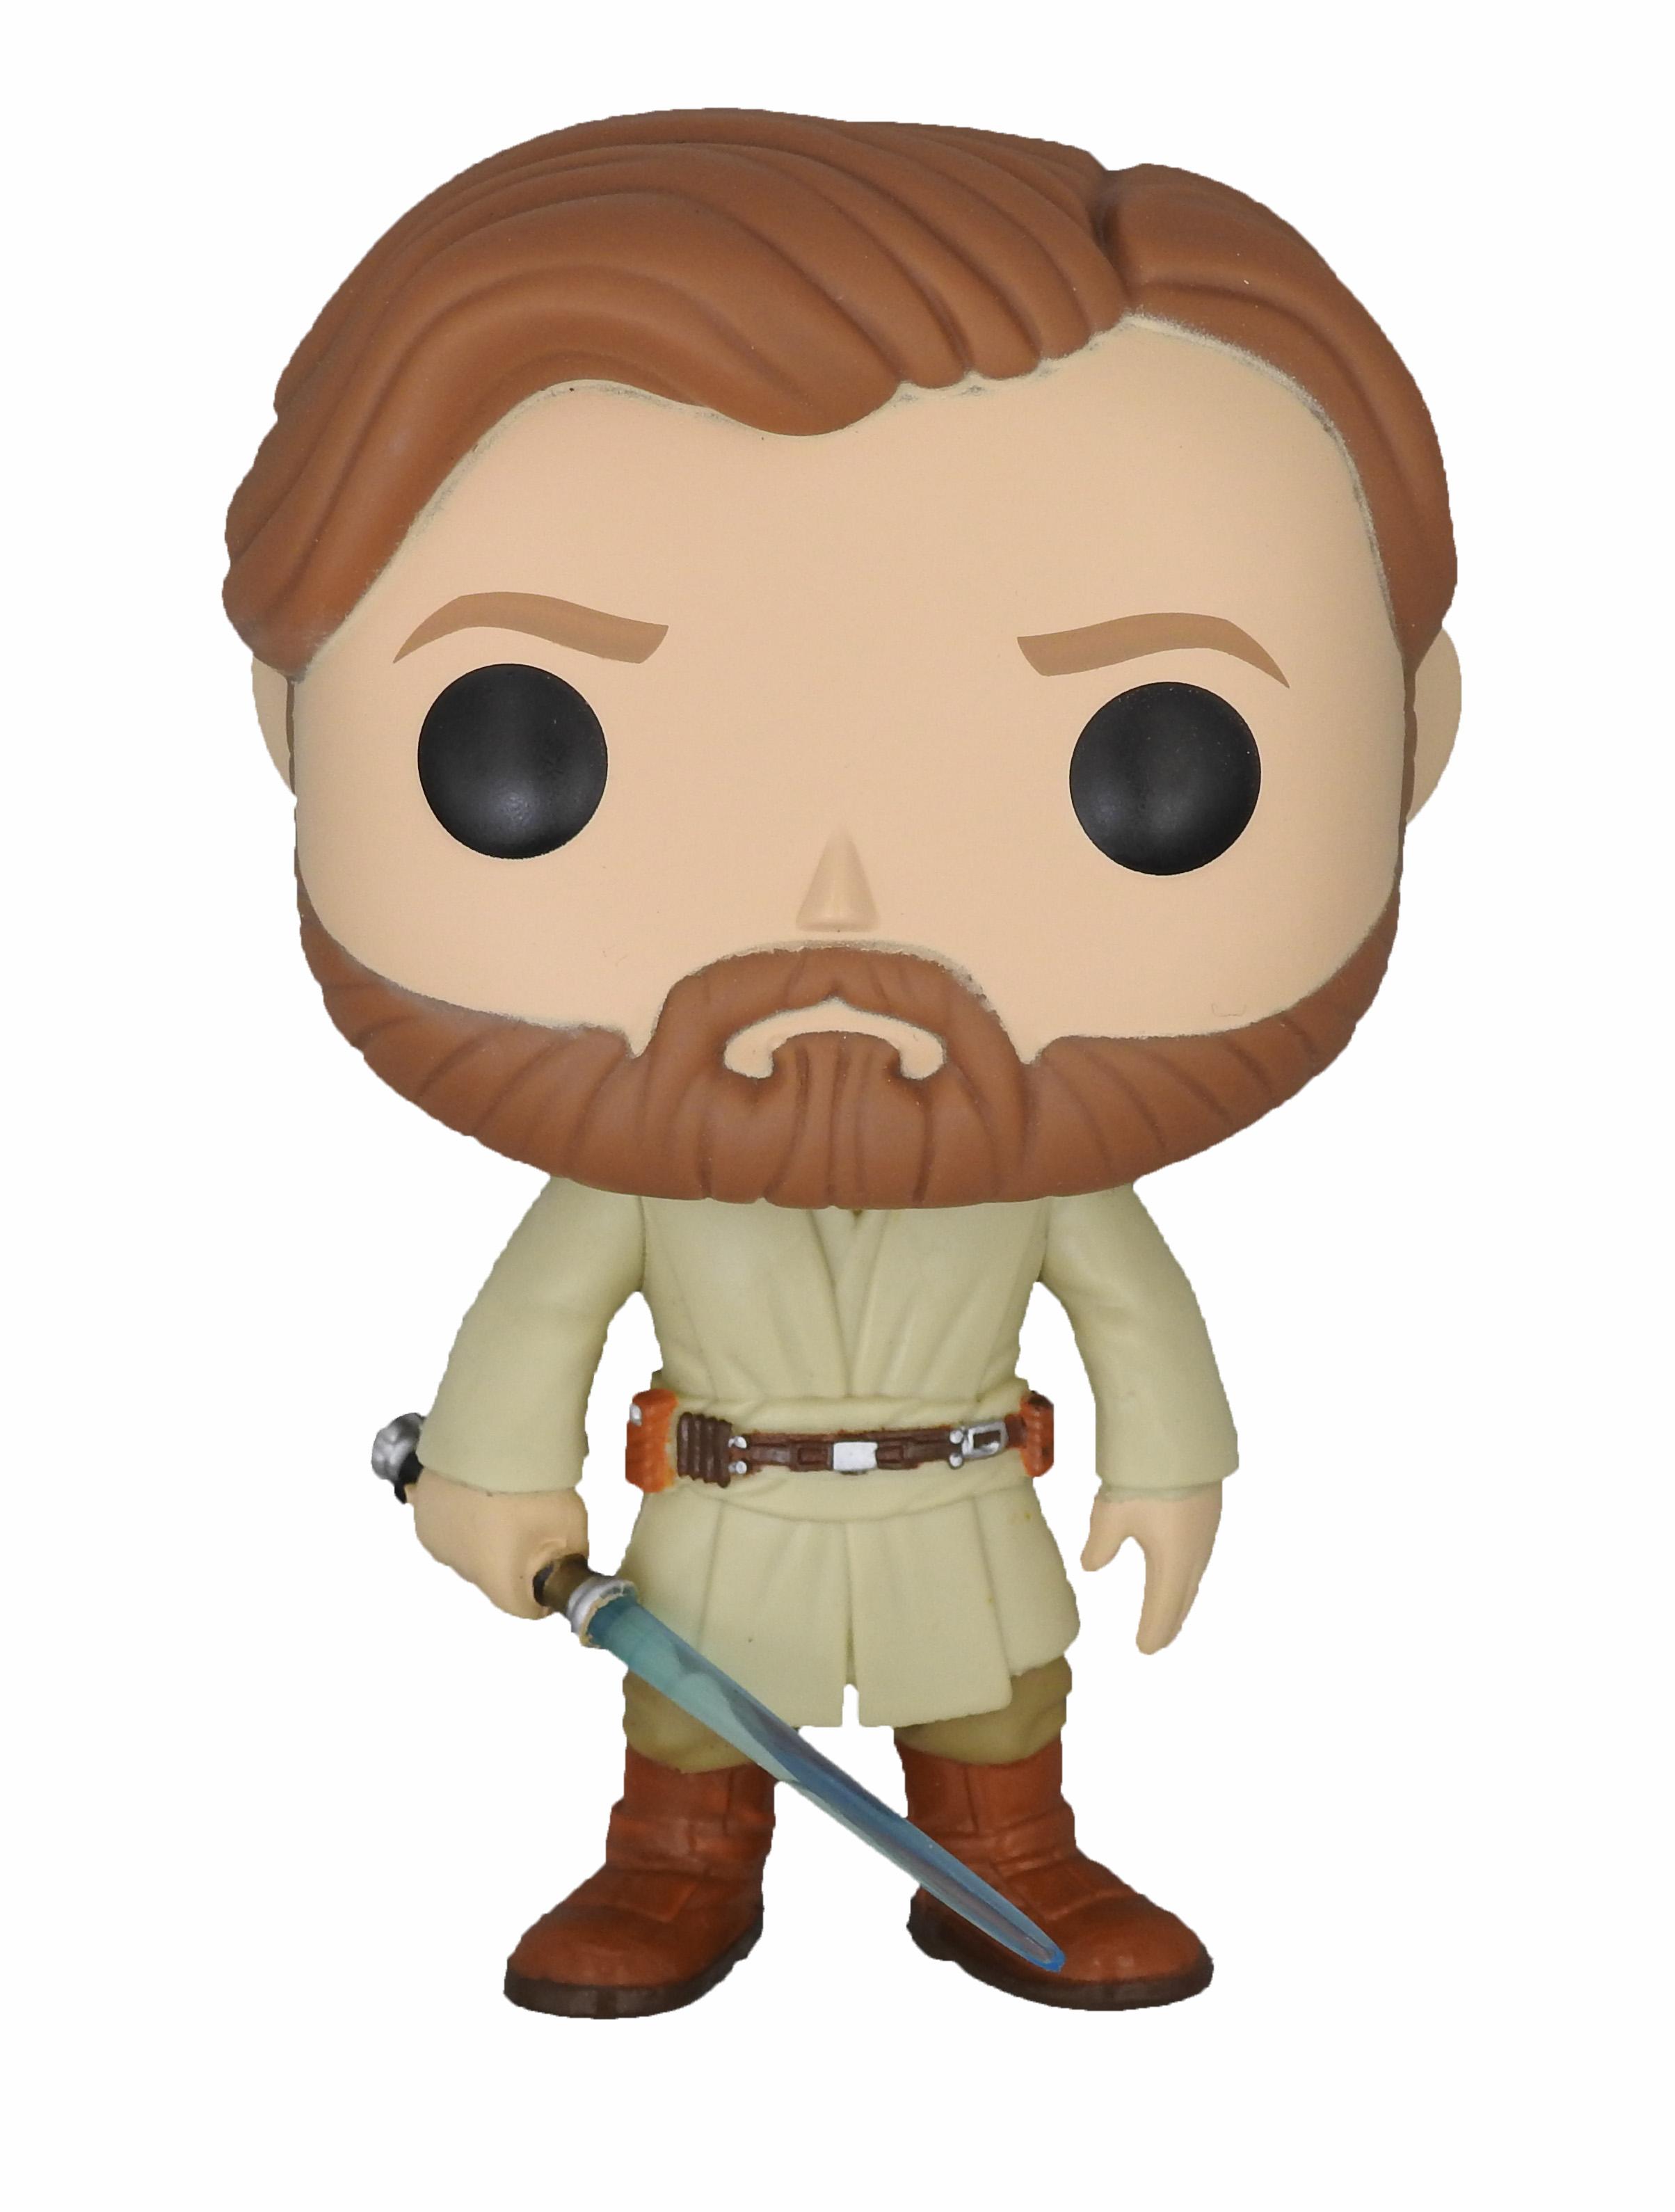 Funko POP! Star Wars #273 Obi Wan Kenobi - Walgreens | eBay